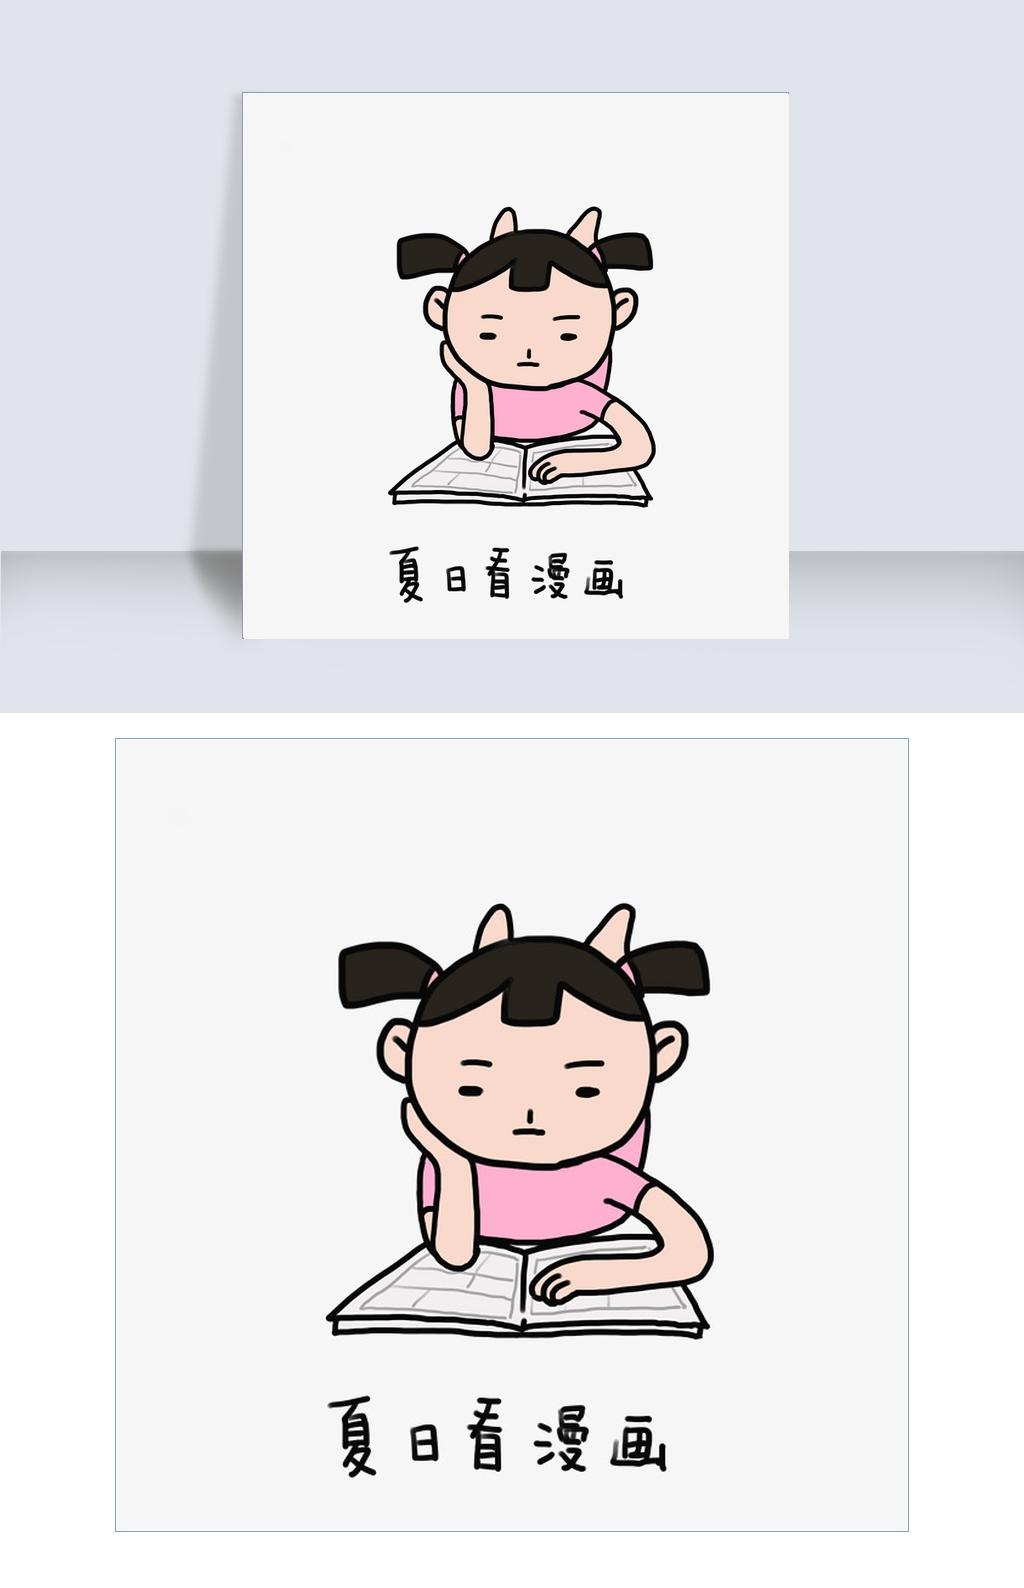 童年夏日清凉手绘卡通可爱小女孩看漫画表情包图片素材 PSB格式 下载 卡通手绘边框大全